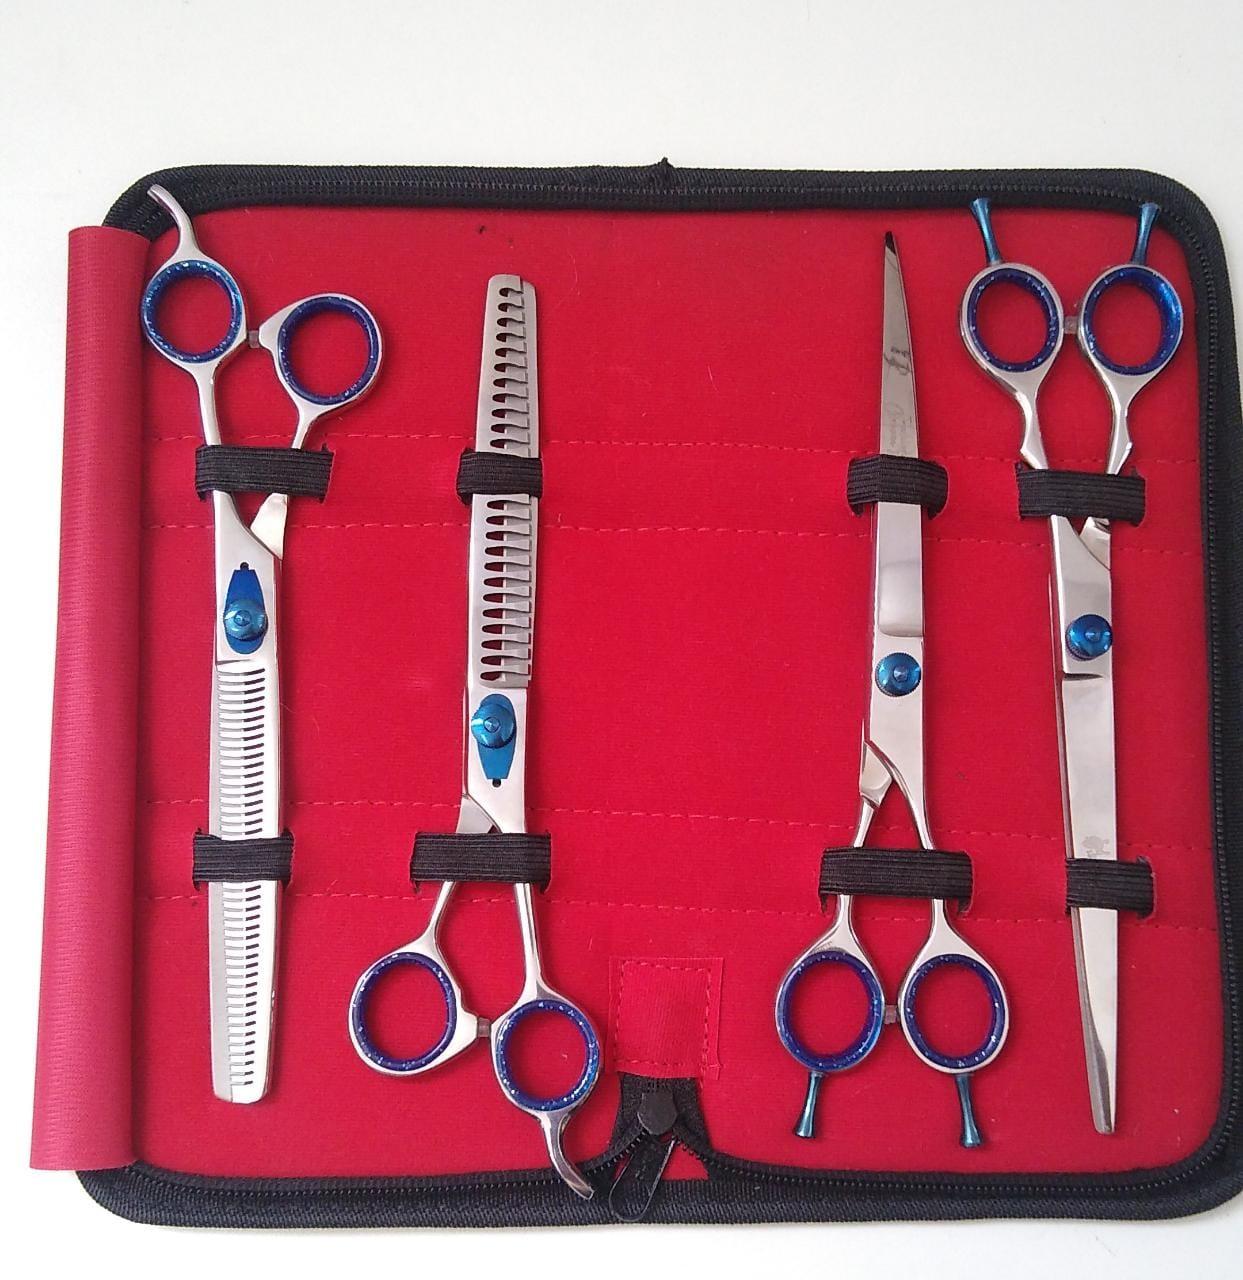 Kit 4 Tesouras Fashion groom 9.0''